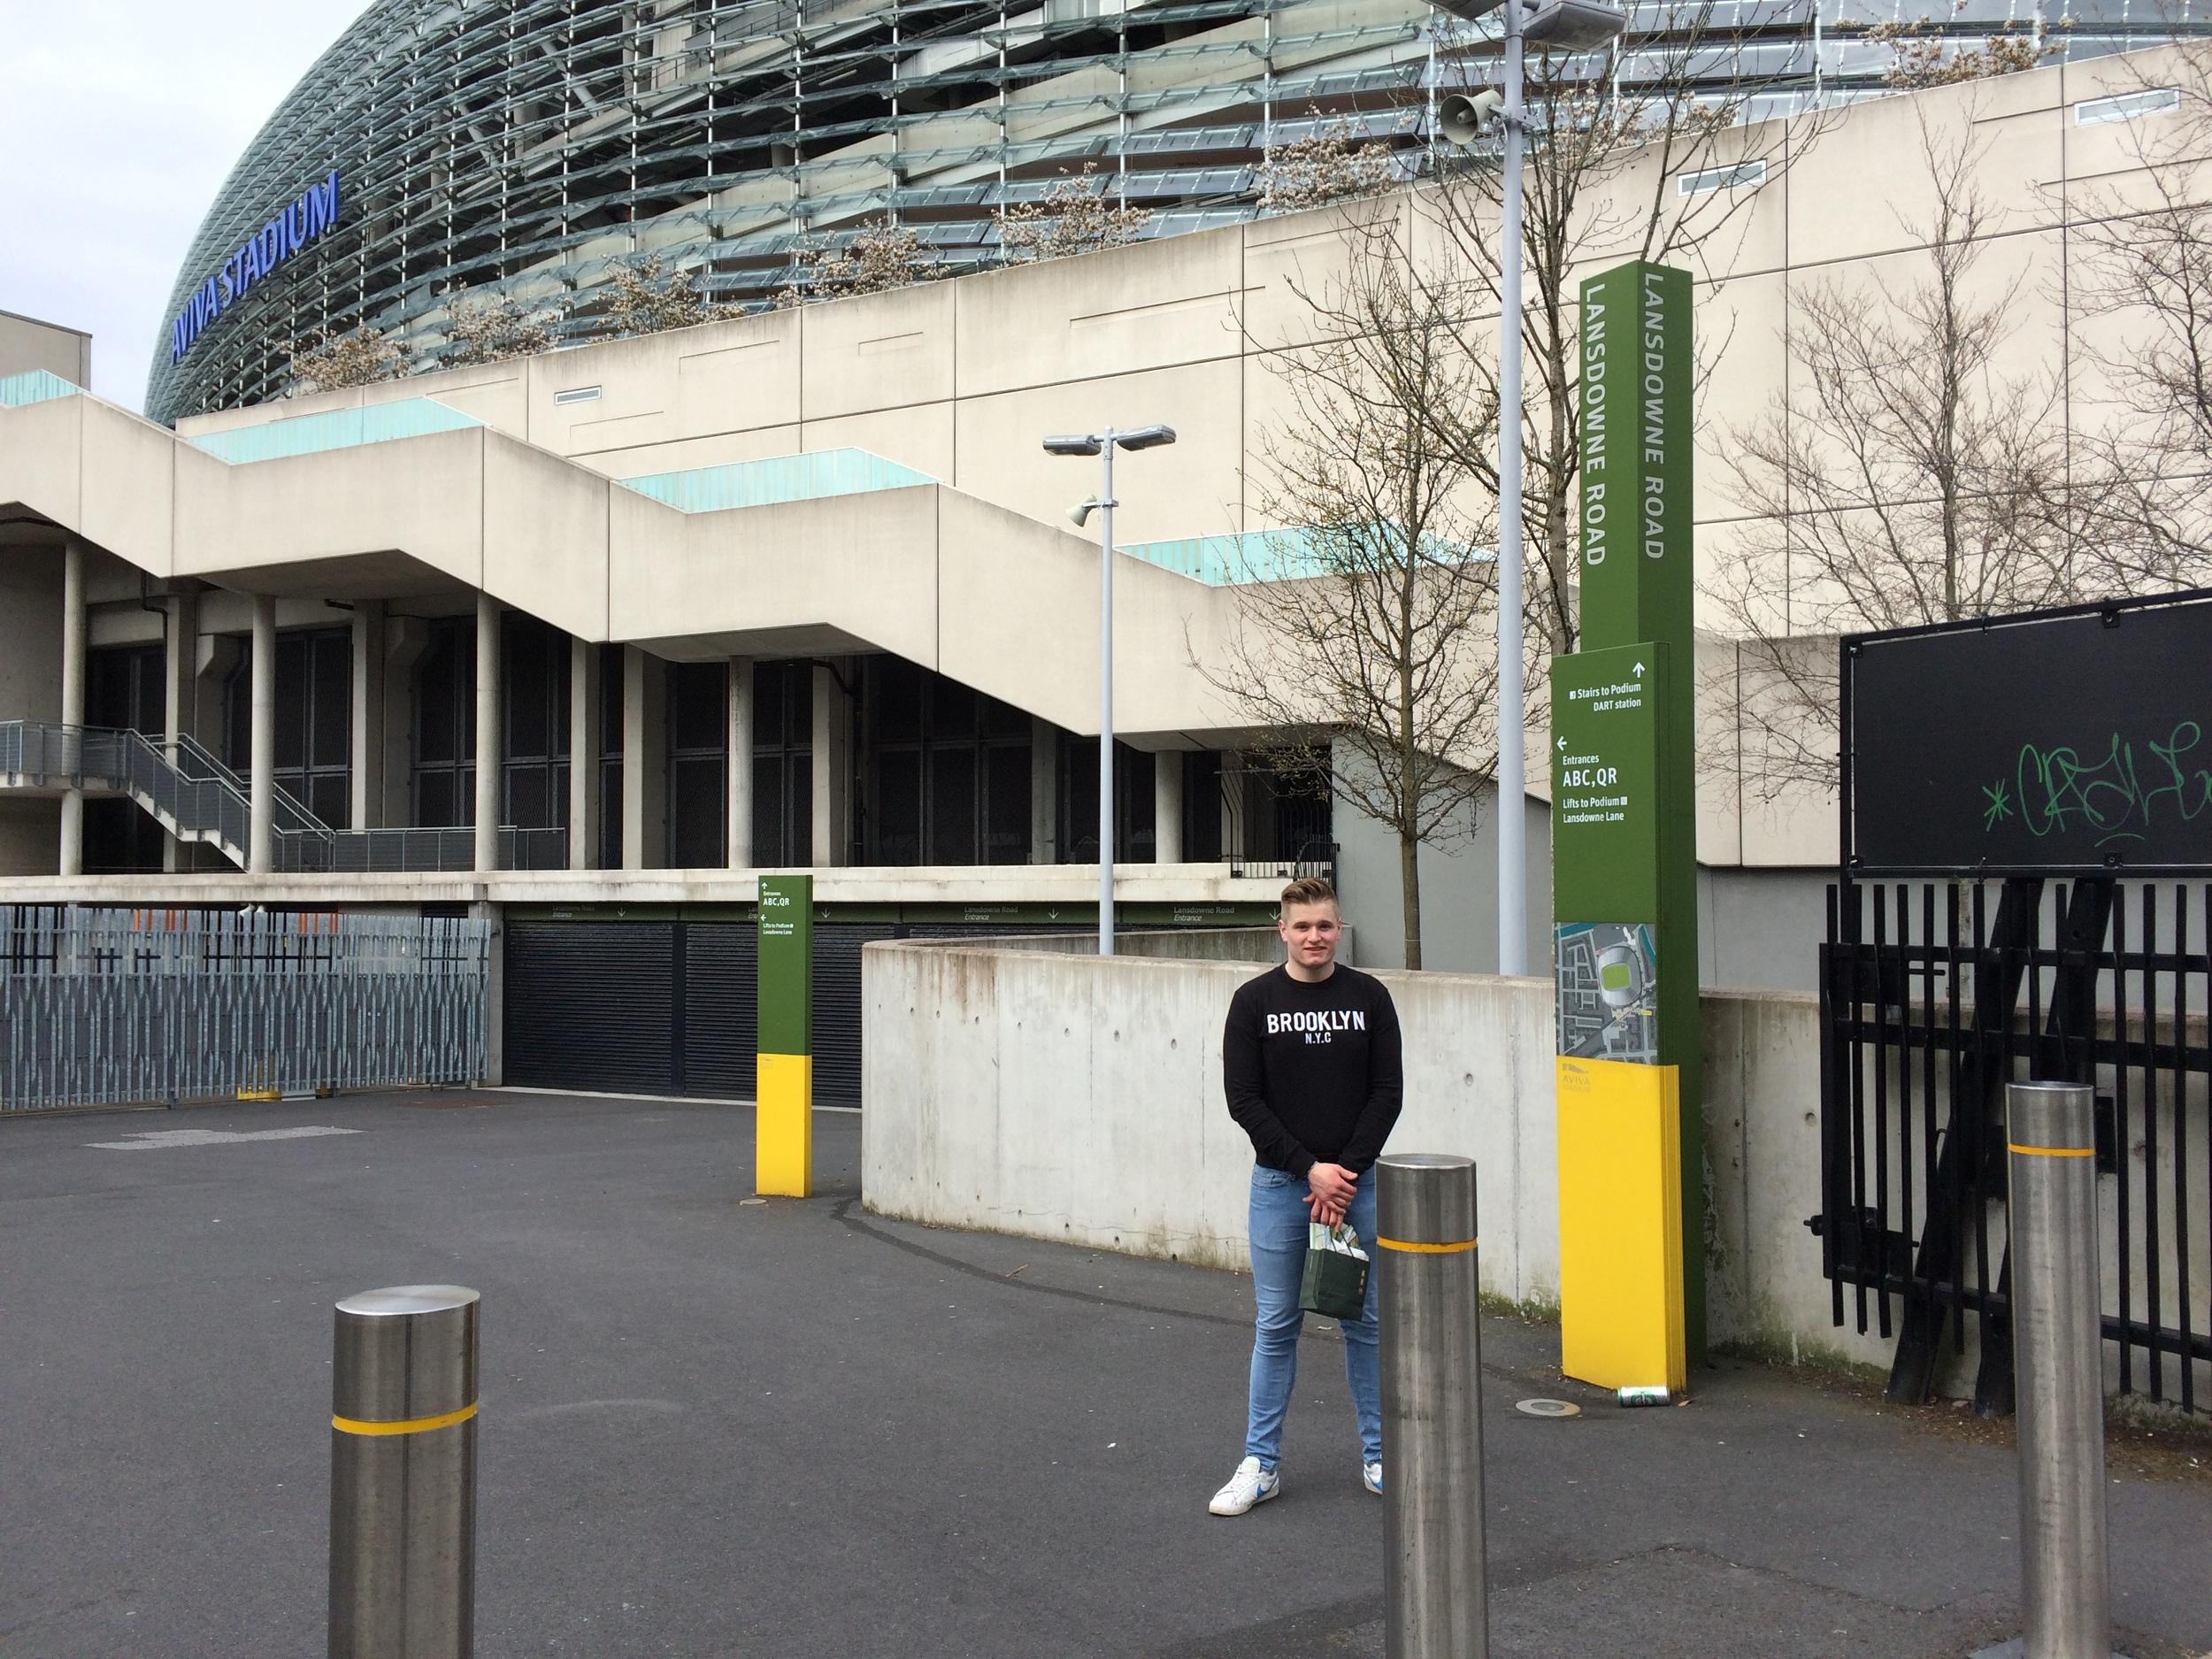 Standing outside Dublin's Aviva Stadium.